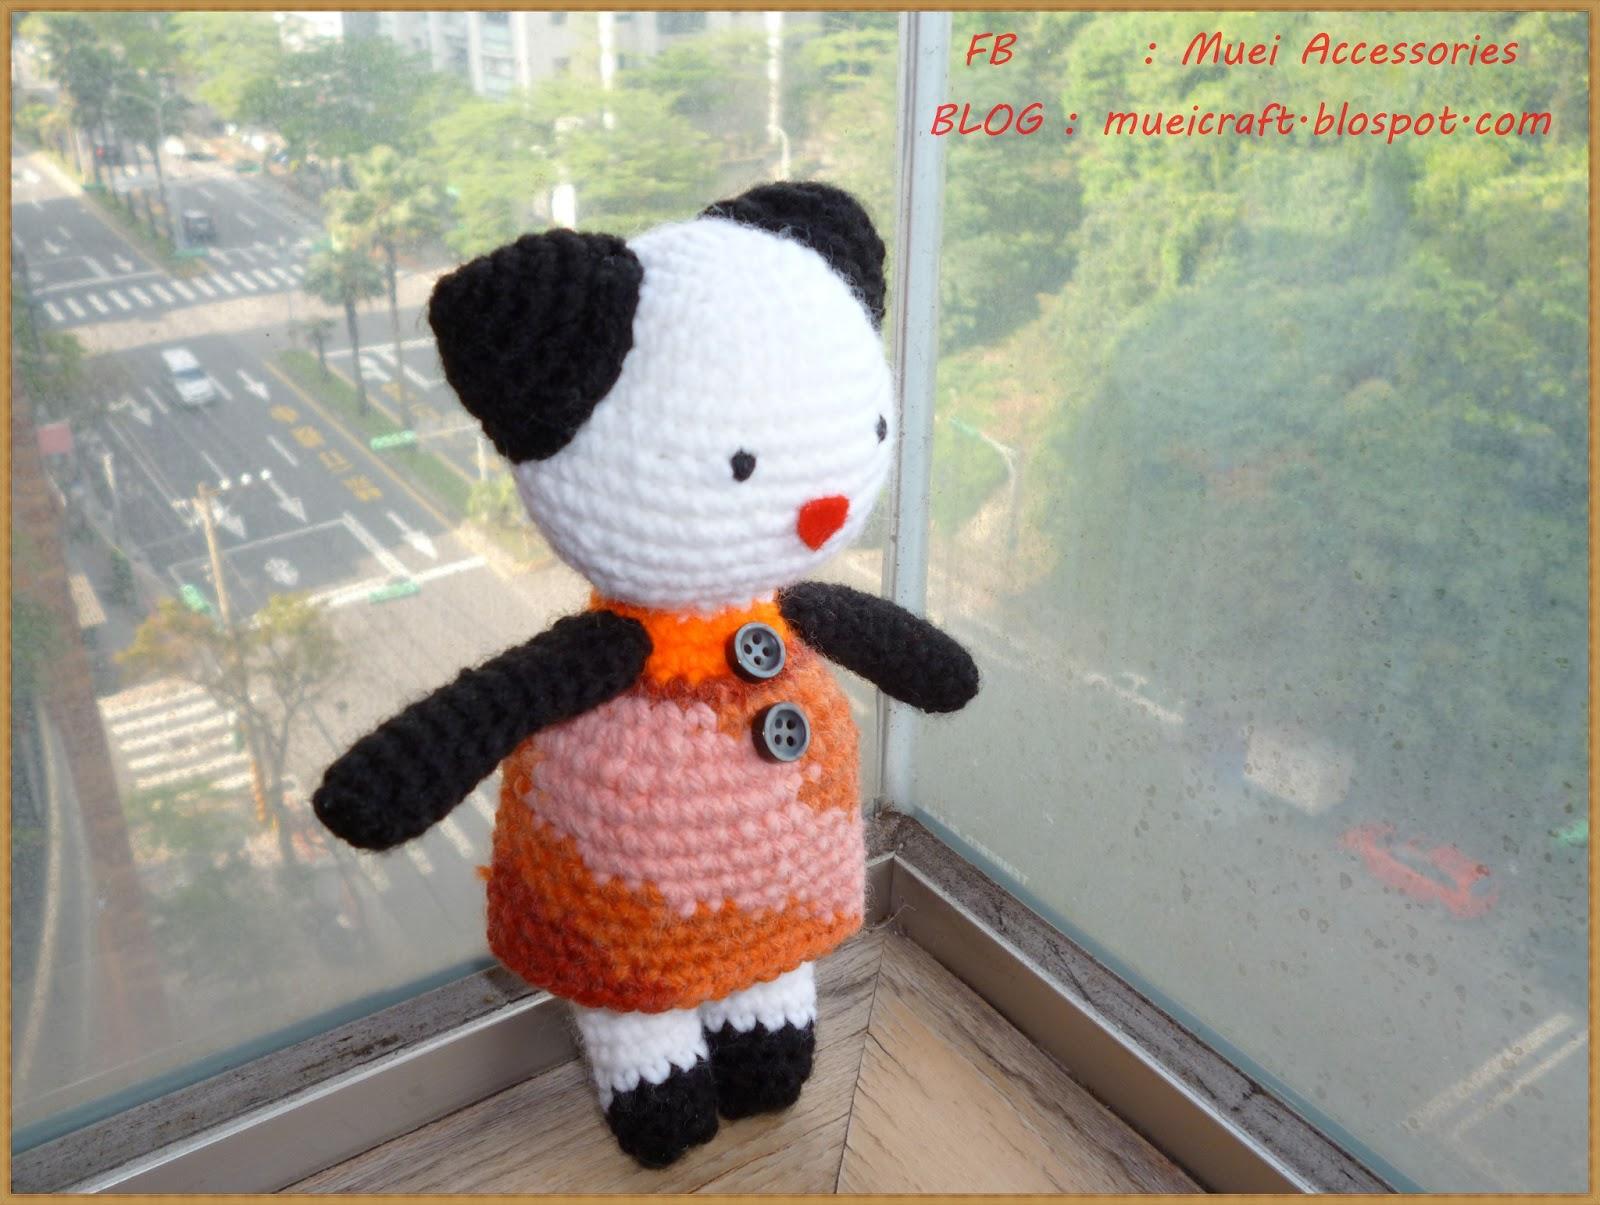 Amigurumi Boneka : Untuk sahabat muei amigurumi tutorial gadis panda